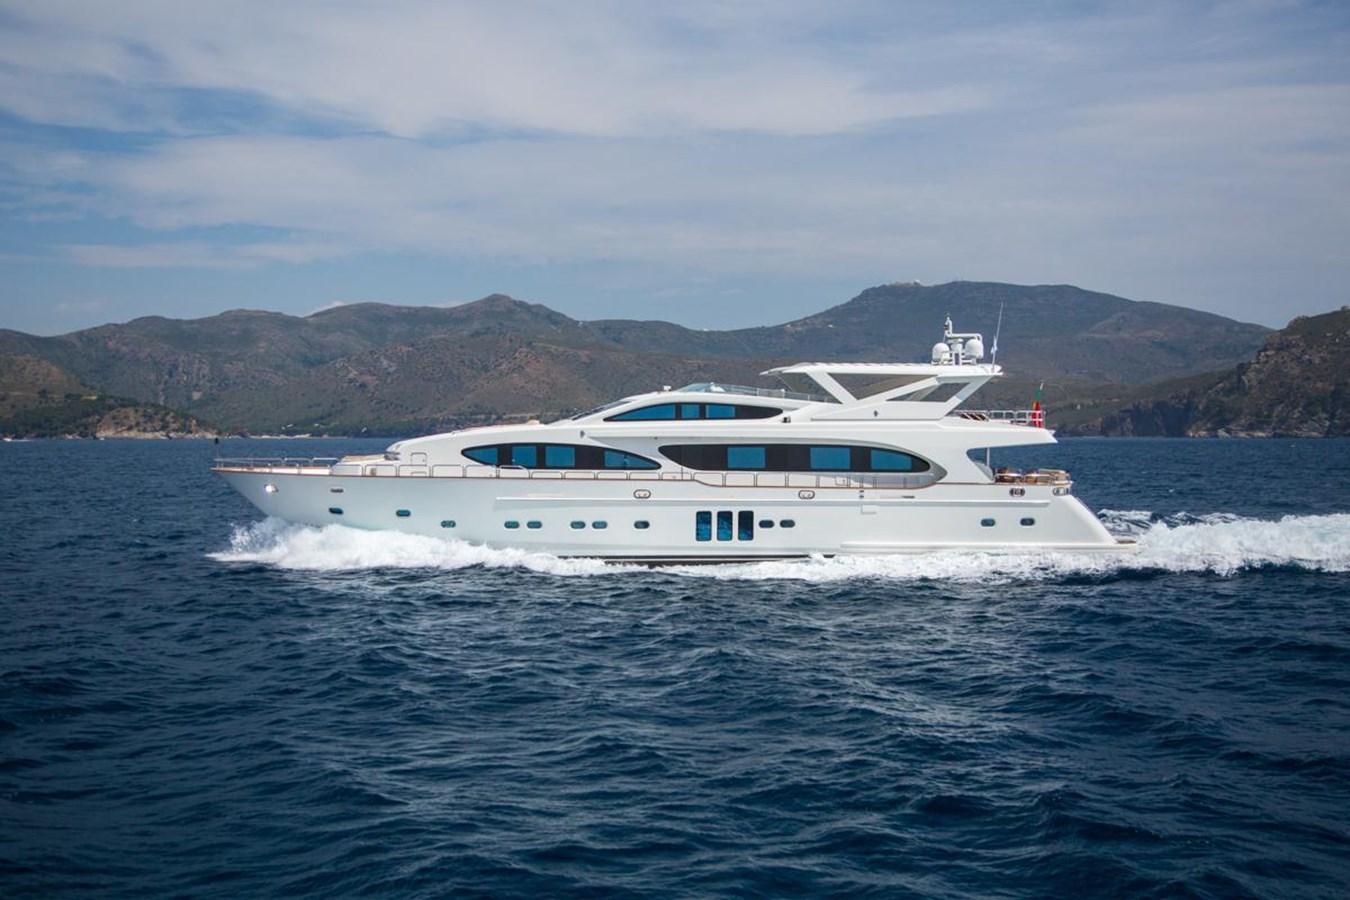 LA ROSA yacht for sale